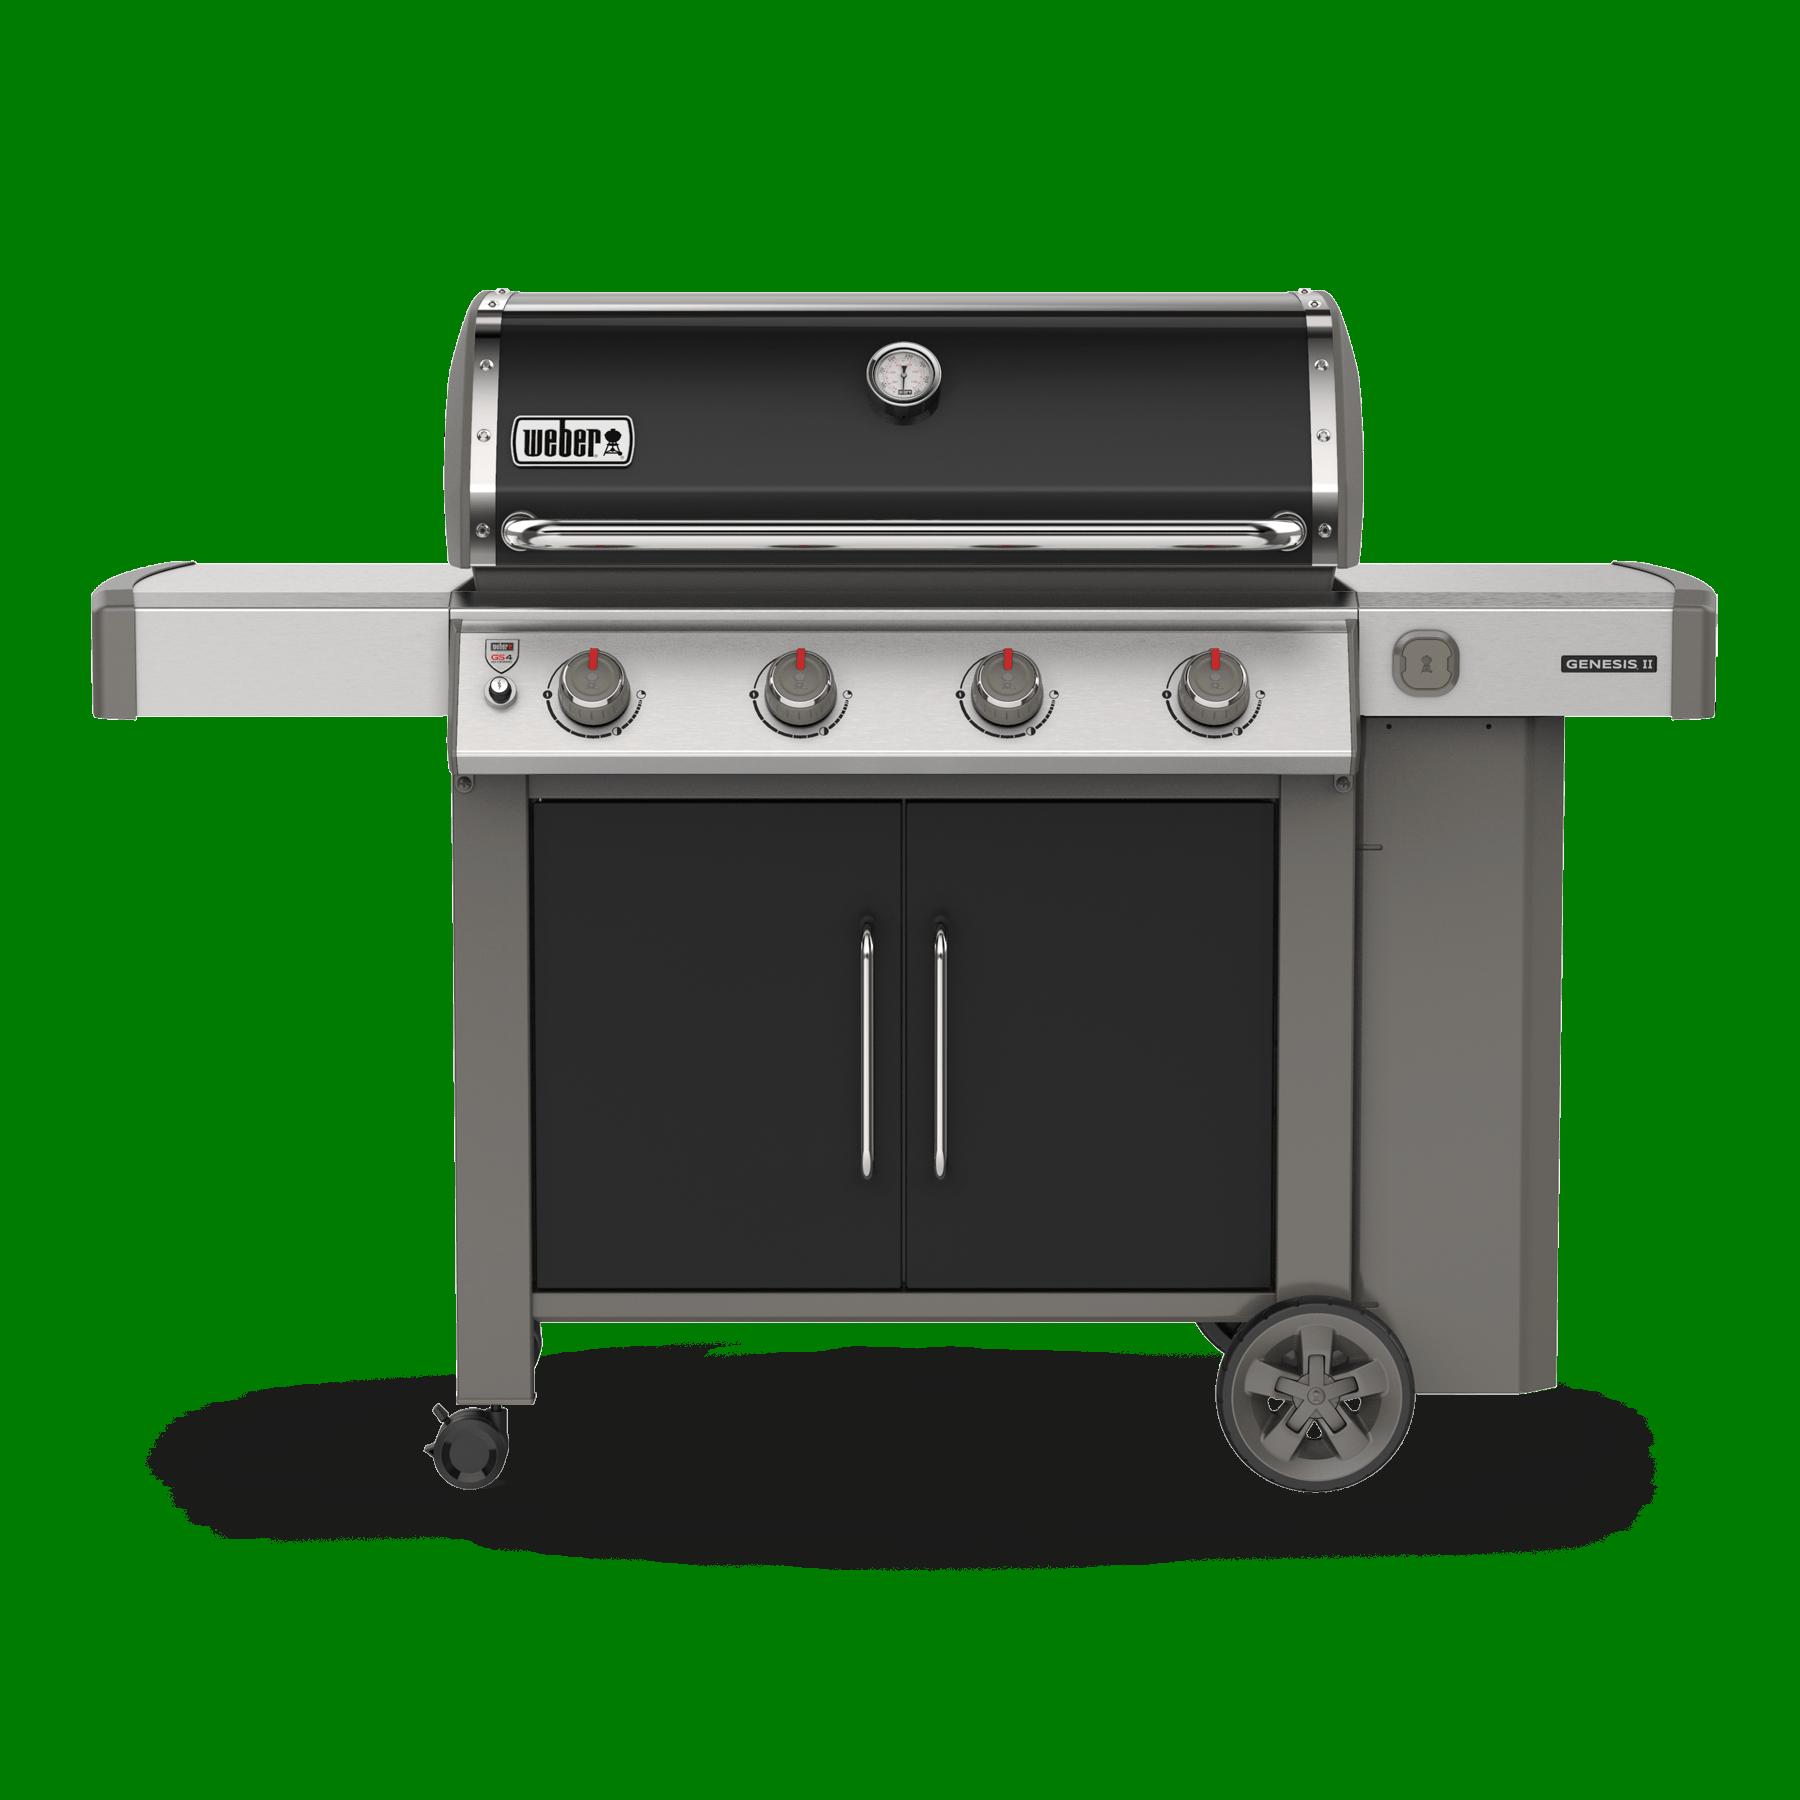 Genesis® II E-415 GBS Gasbarbecue